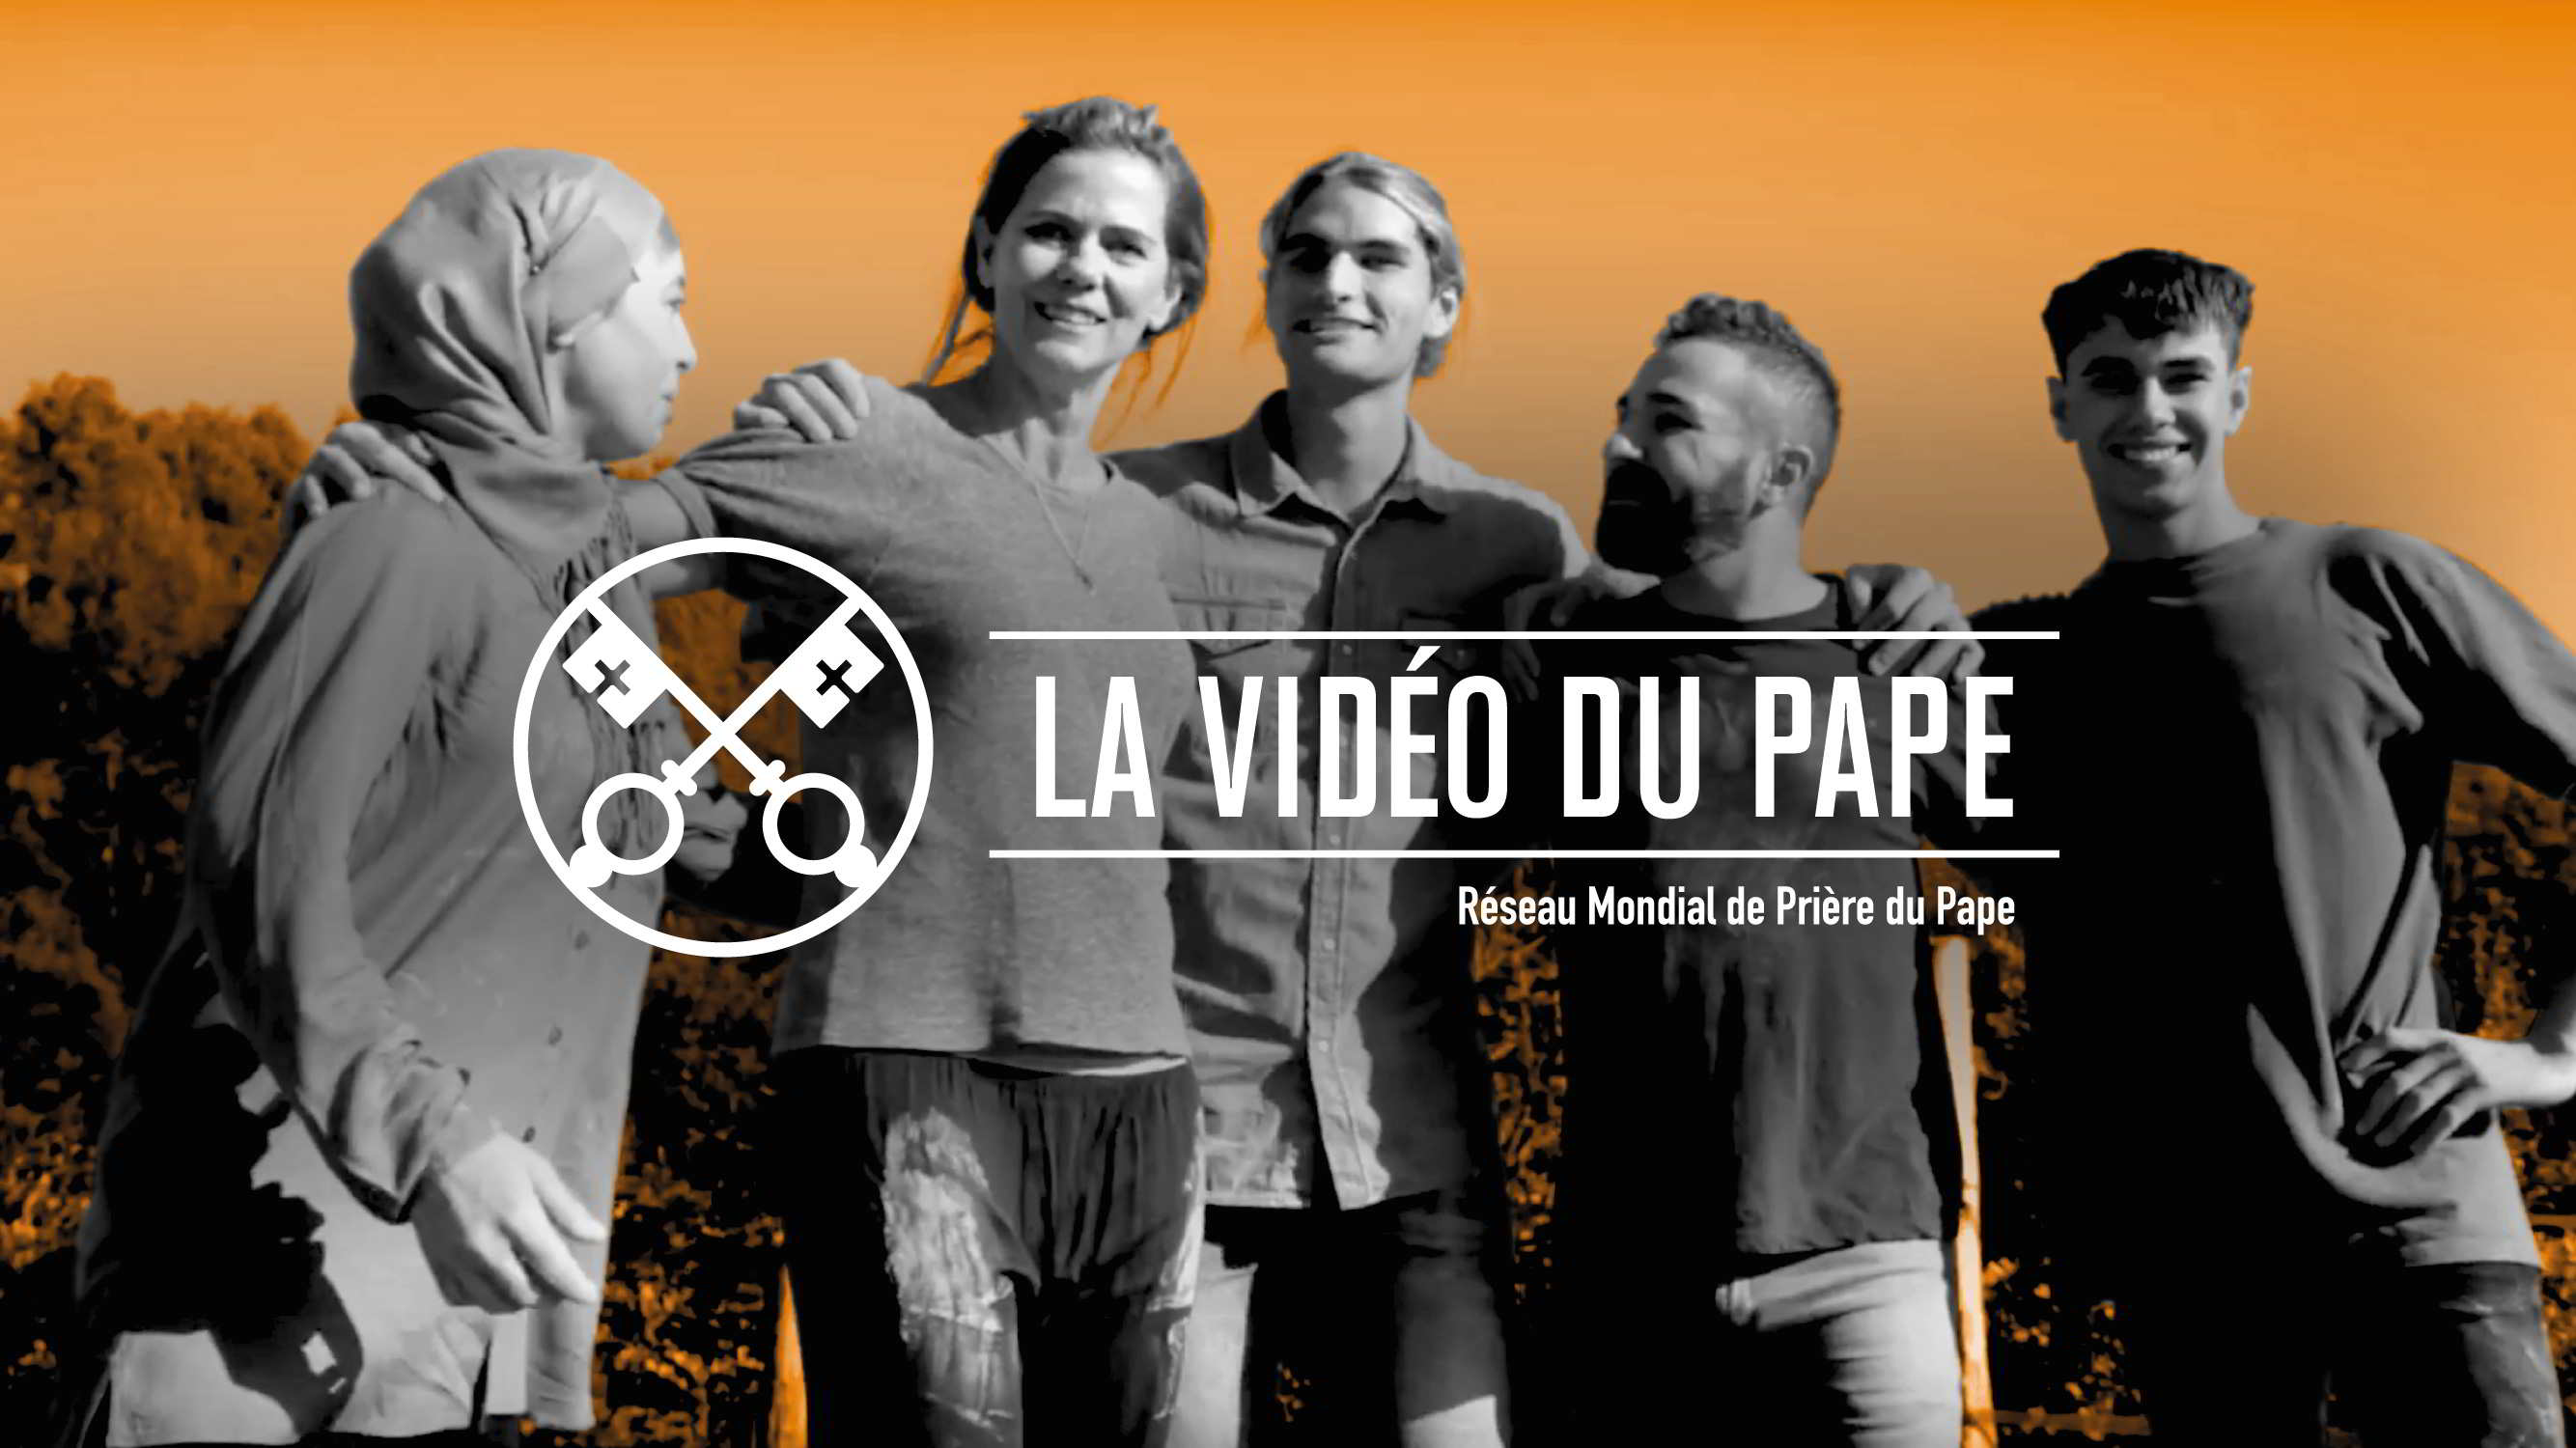 Official-Image-TPV-11-2019-FR-La-Video-du-Pape-Dialogue-et-reconciliation-au-Moyen-Orient